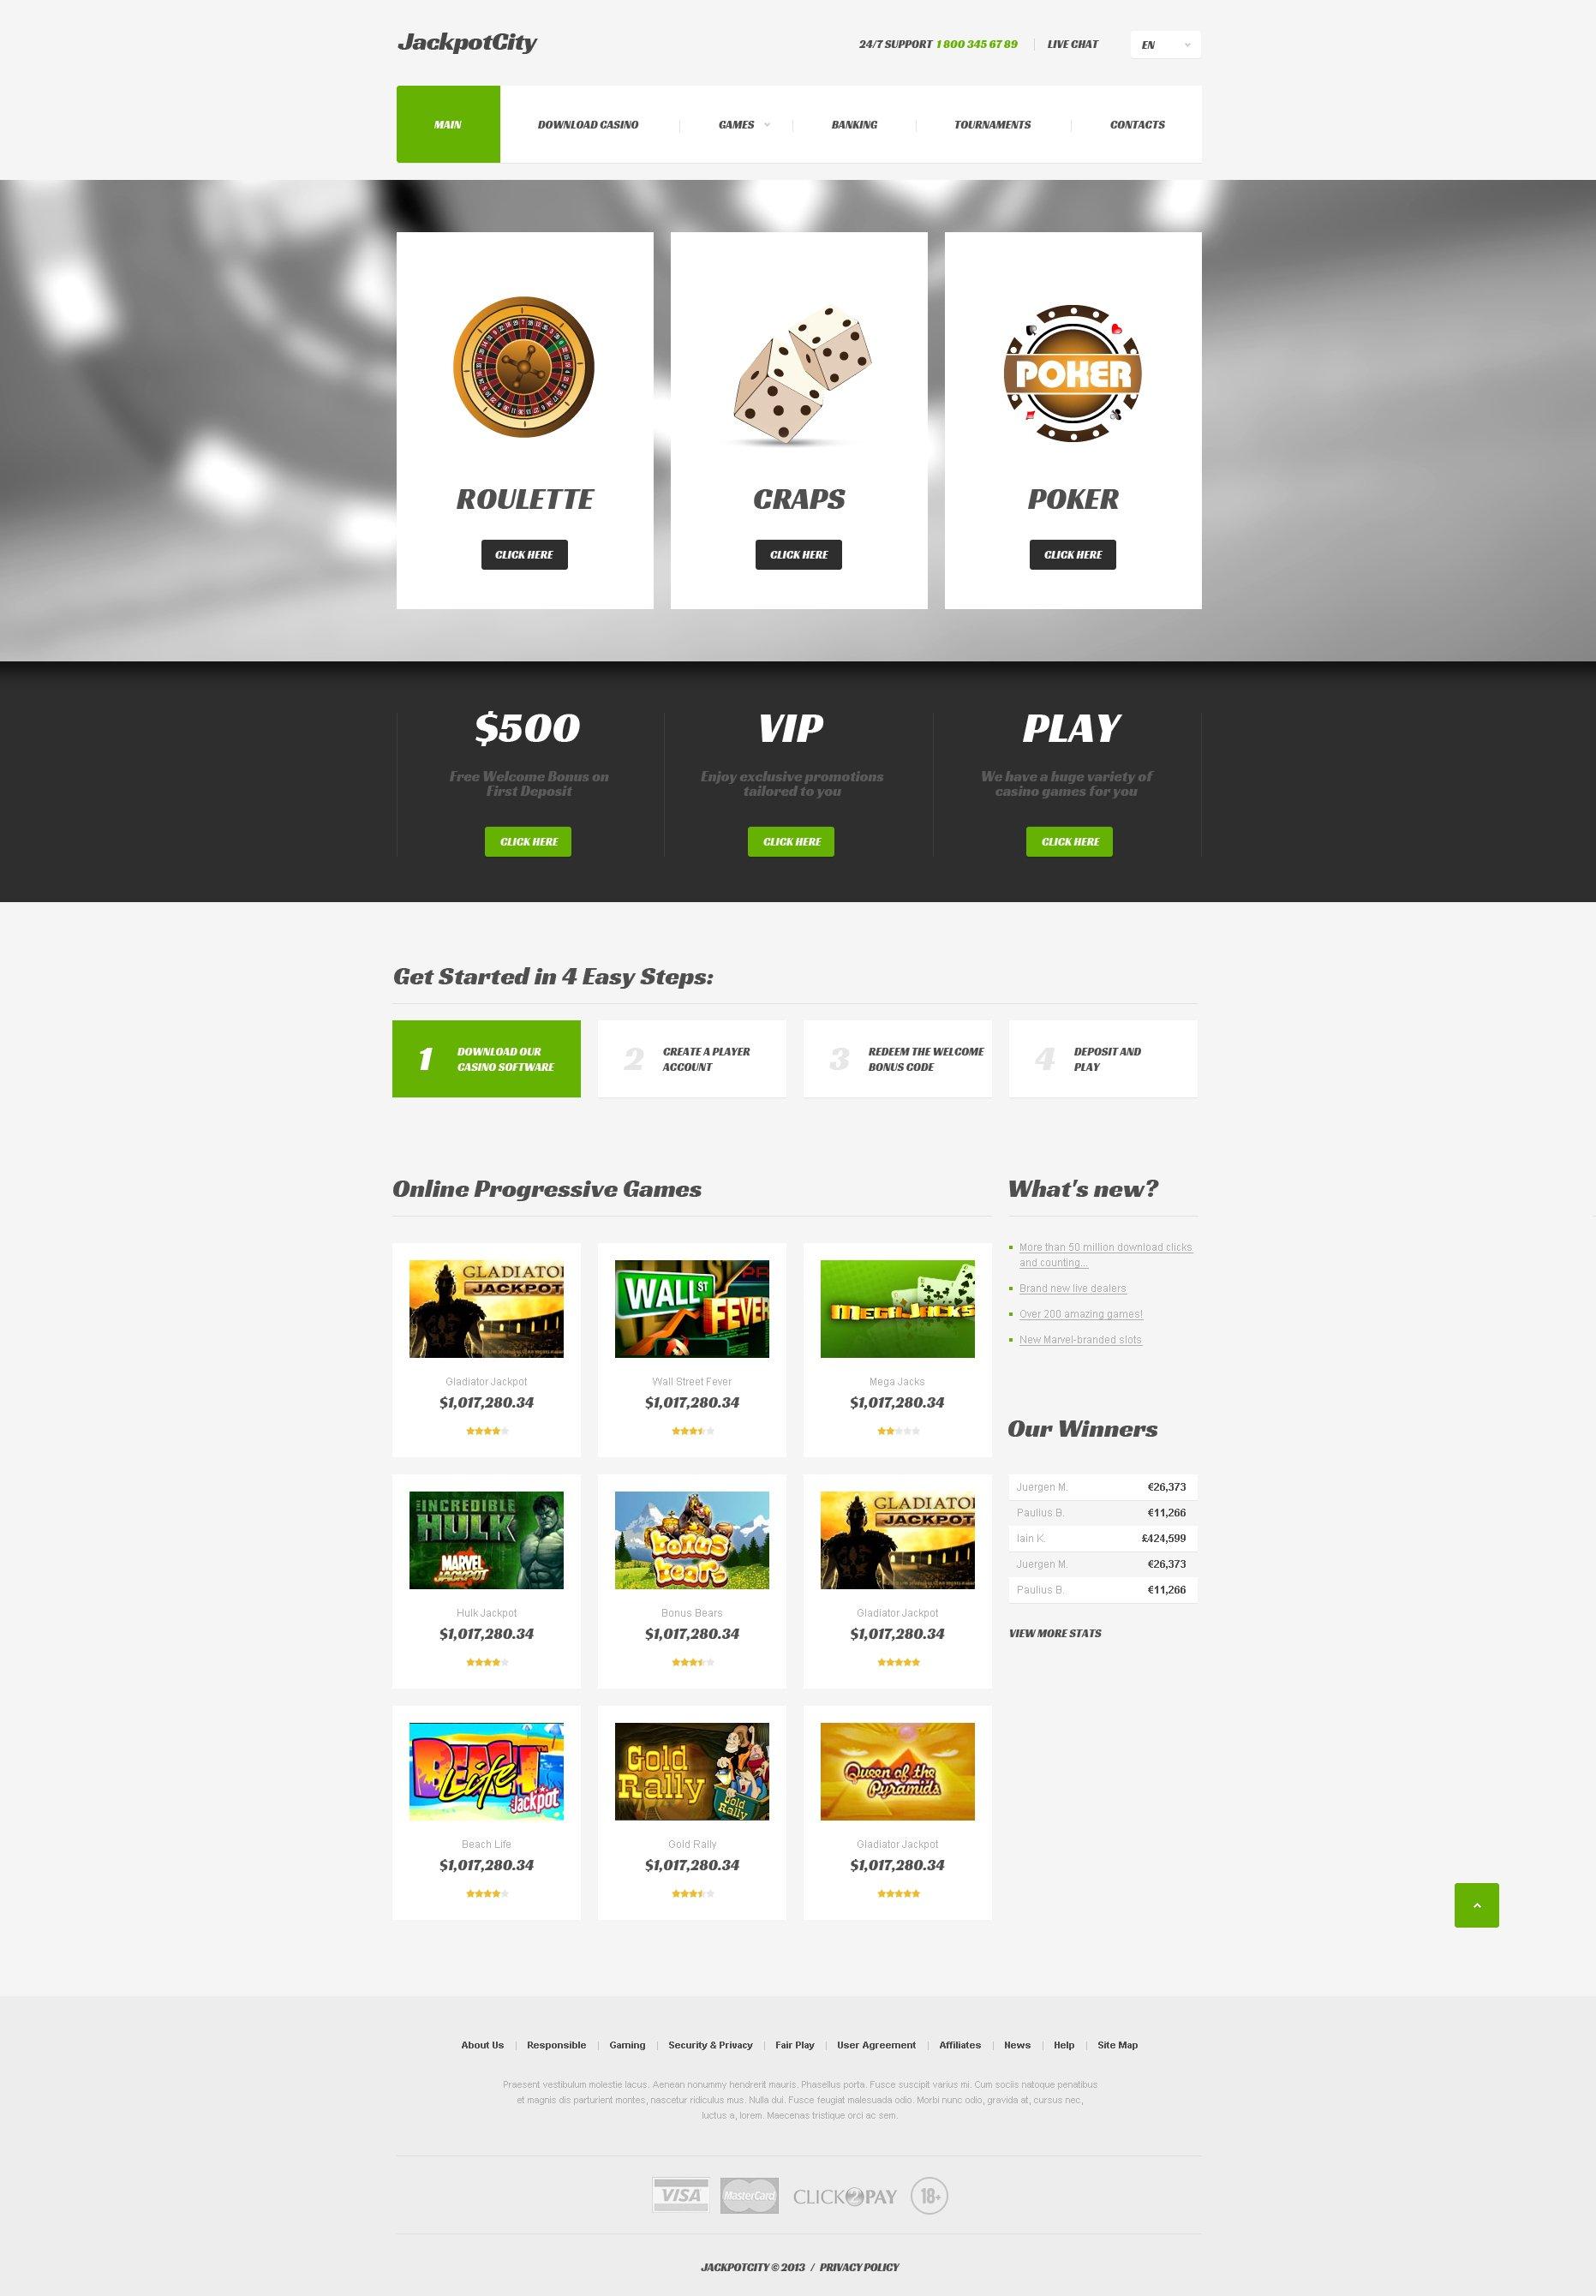 Адаптивний Шаблон сайту на тему онлайн казино №47281 - скріншот